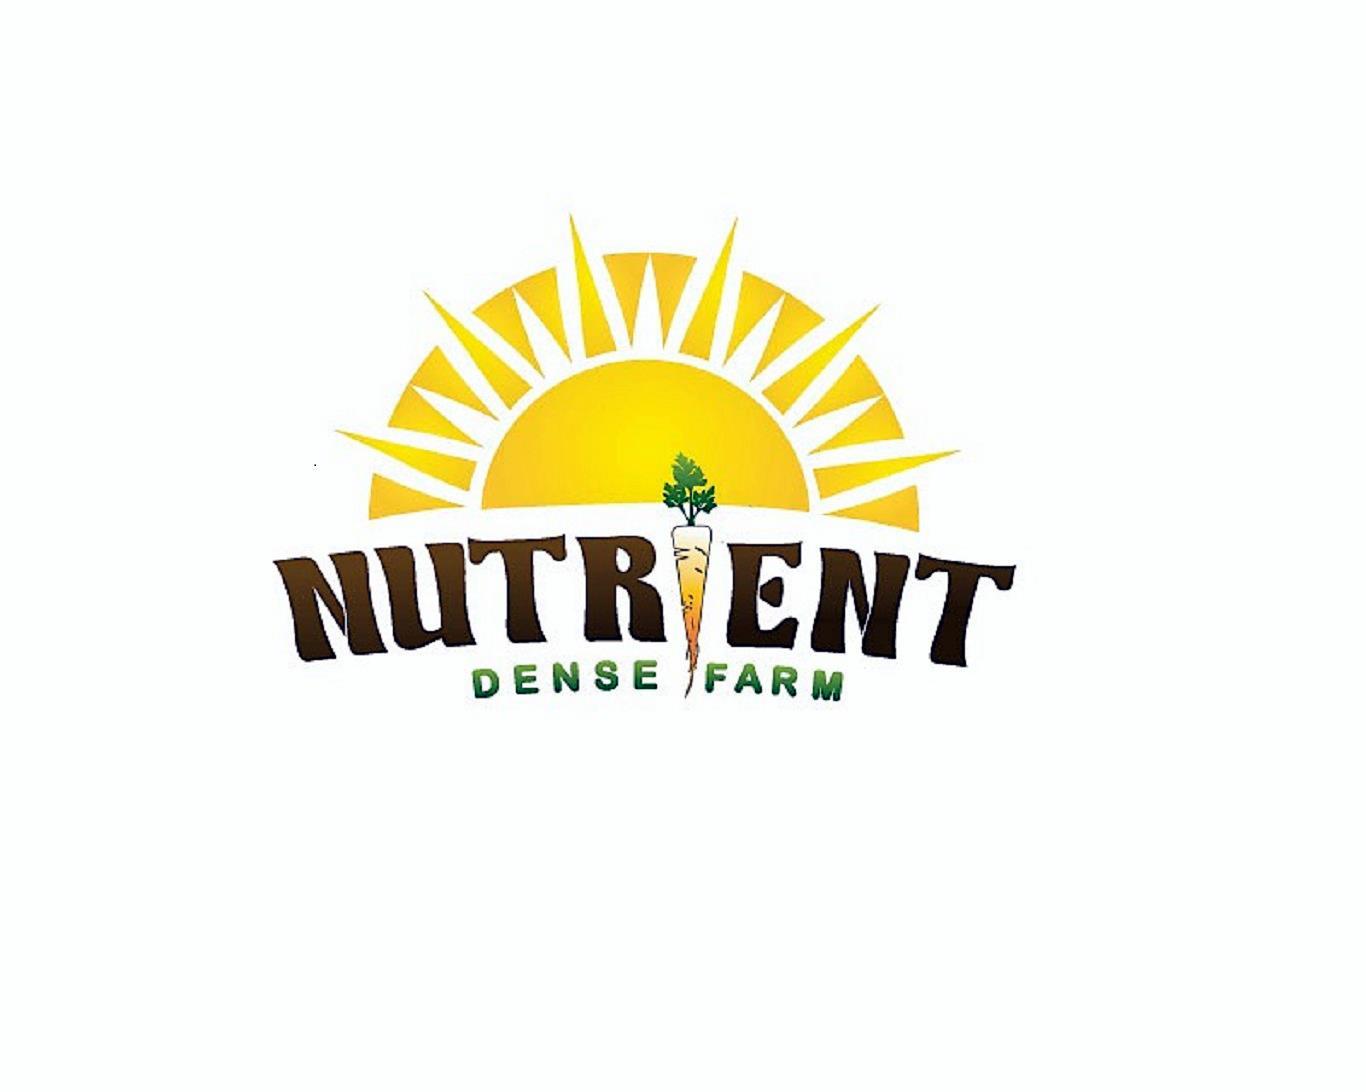 Nutrient(1).jpg